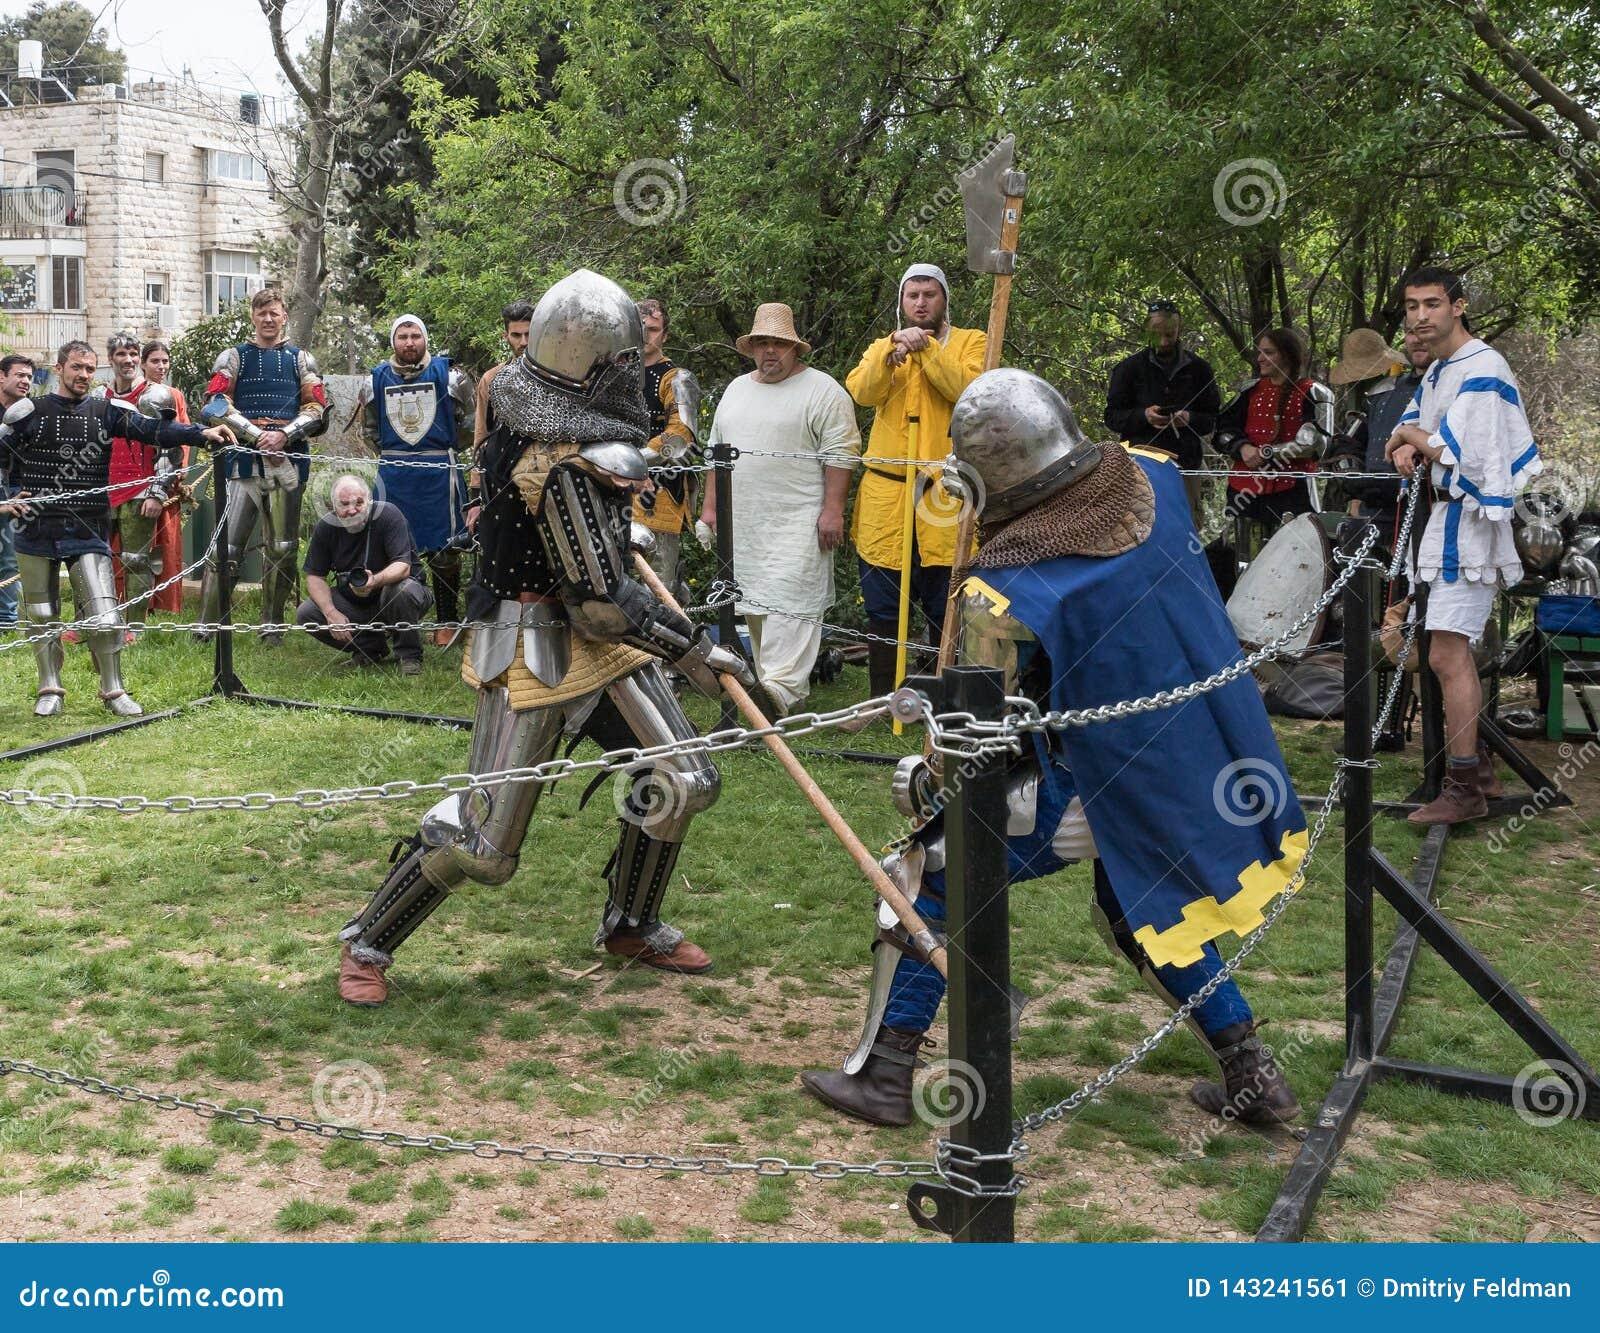 Zwei Ritter mit Halberds kämpfen im Ring am Purim-Festival mit König Arthur in der Stadt von Jerusalem, Israel